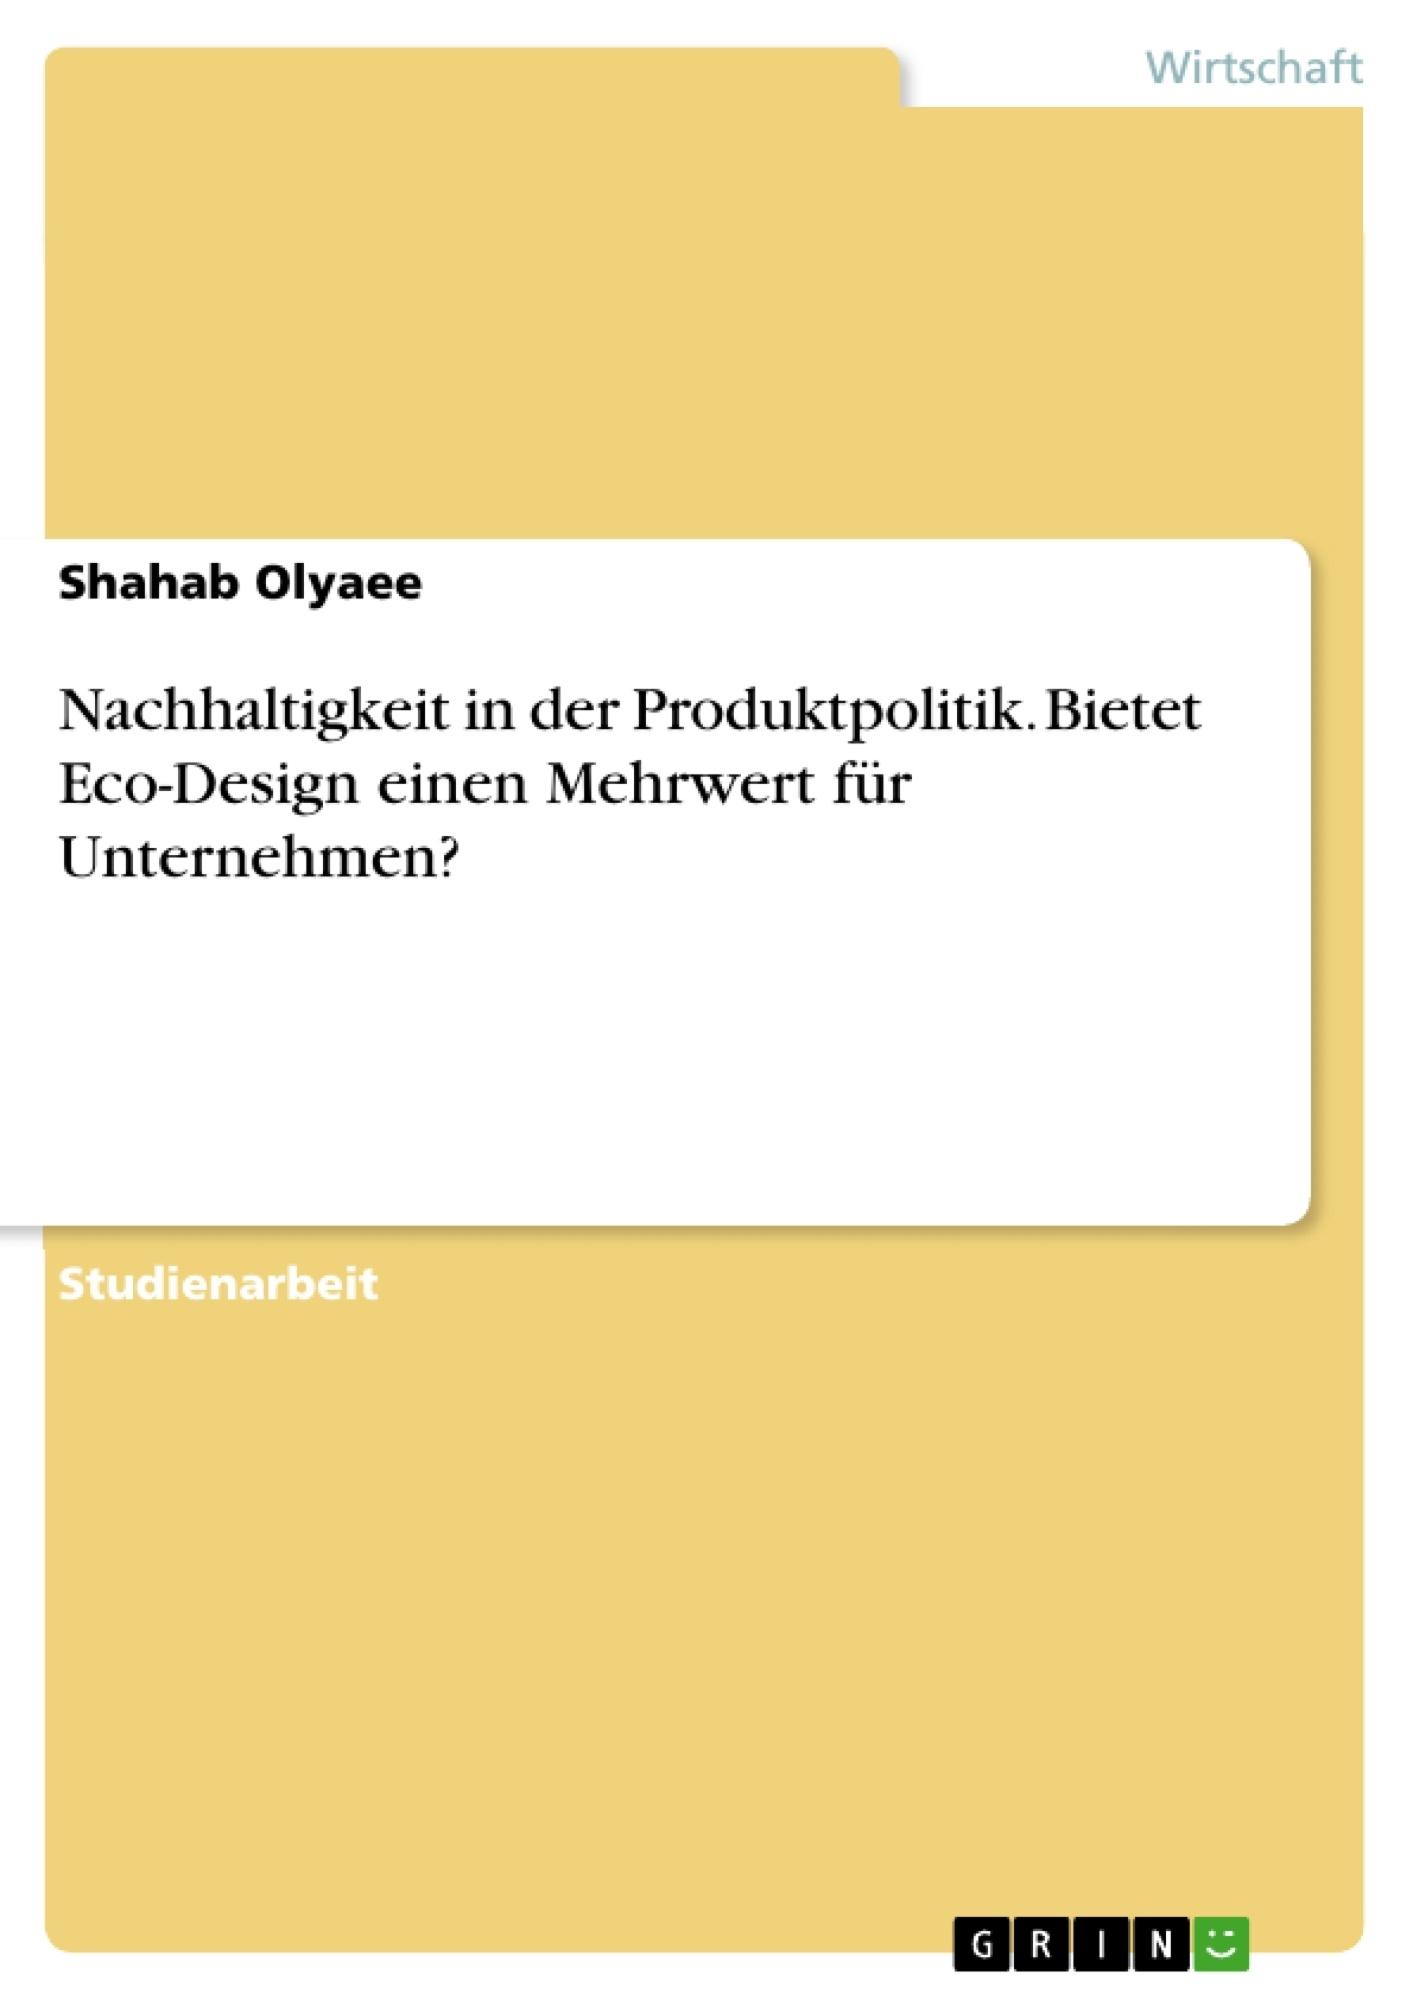 Titel: Nachhaltigkeit in der Produktpolitik. Bietet Eco-Design einen Mehrwert für Unternehmen?